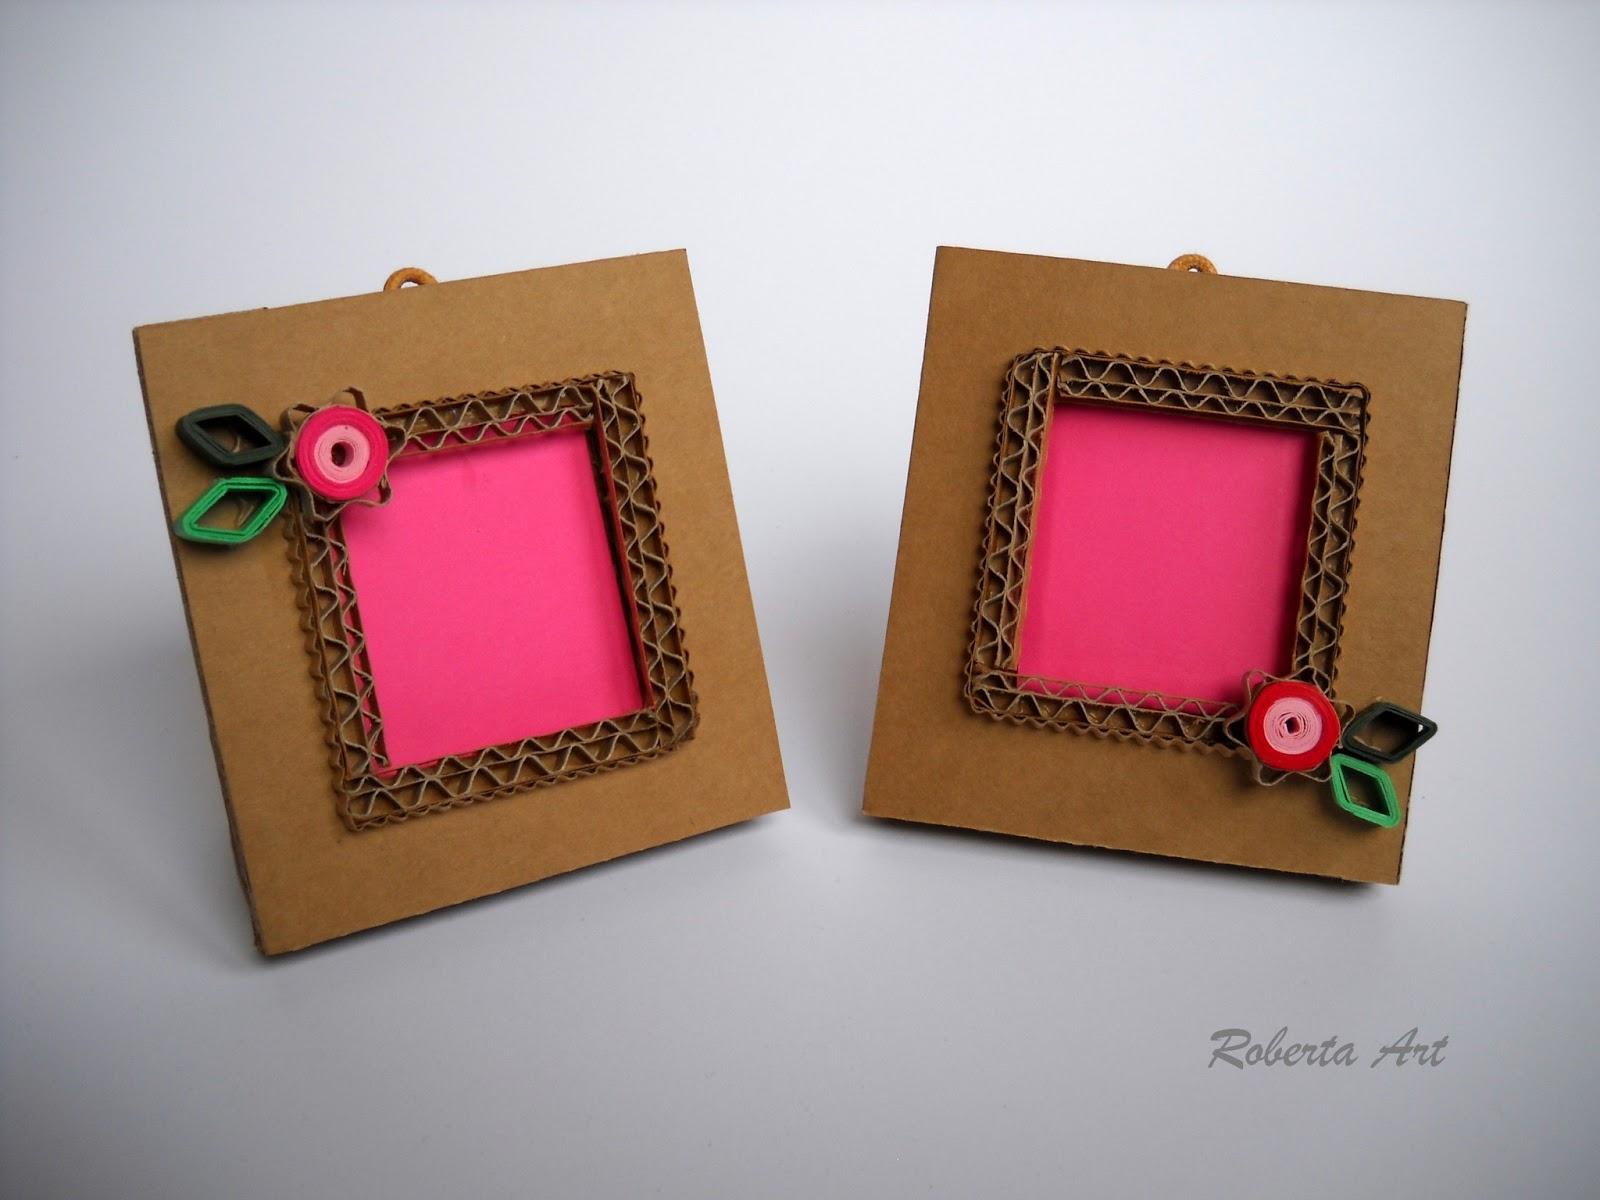 Roberta lazzarato portafoto 8x8 di cartone - Porta orecchini a libro ...